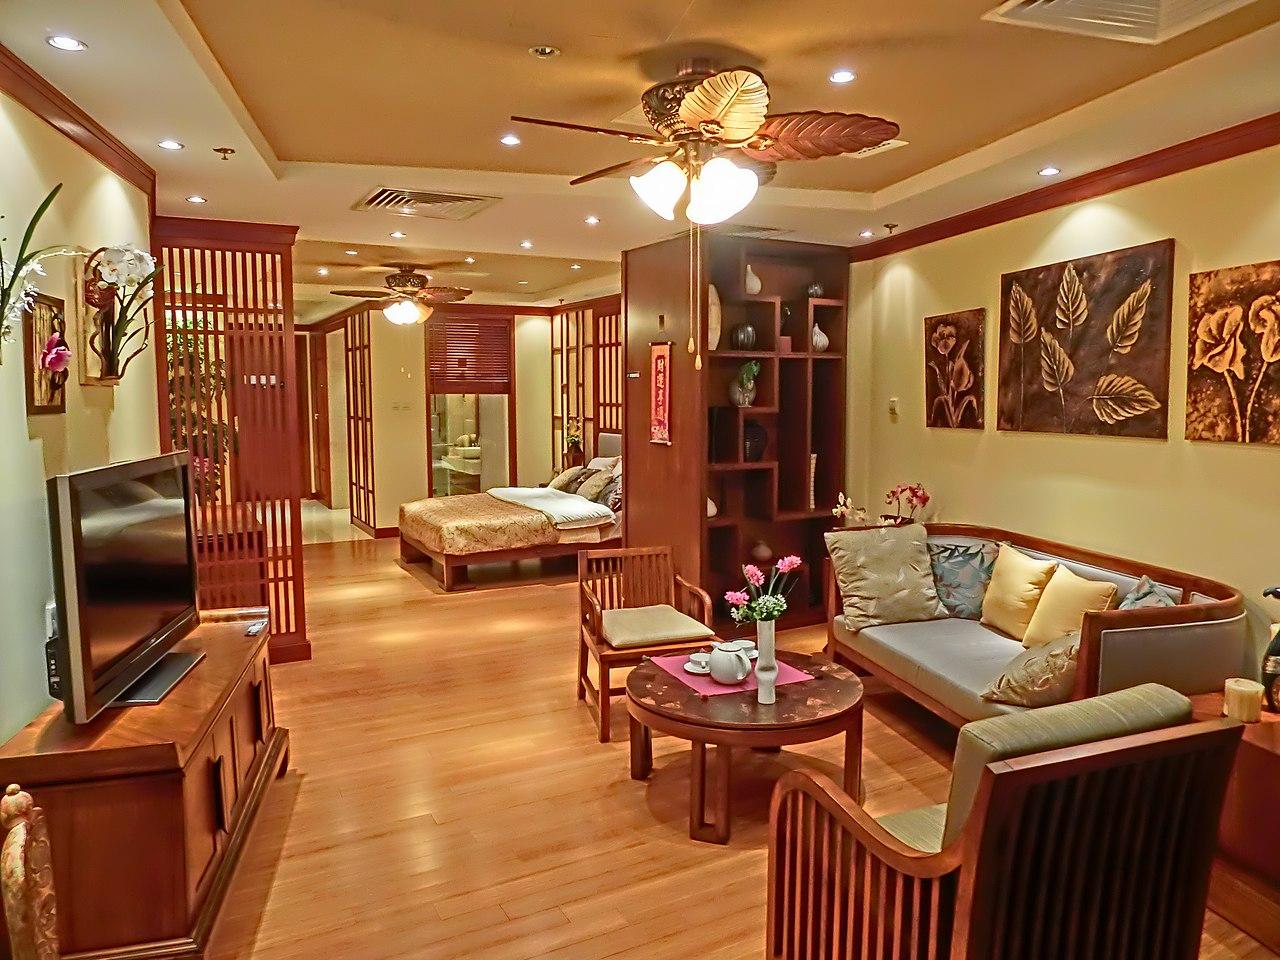 Primitive Rooms Decorating